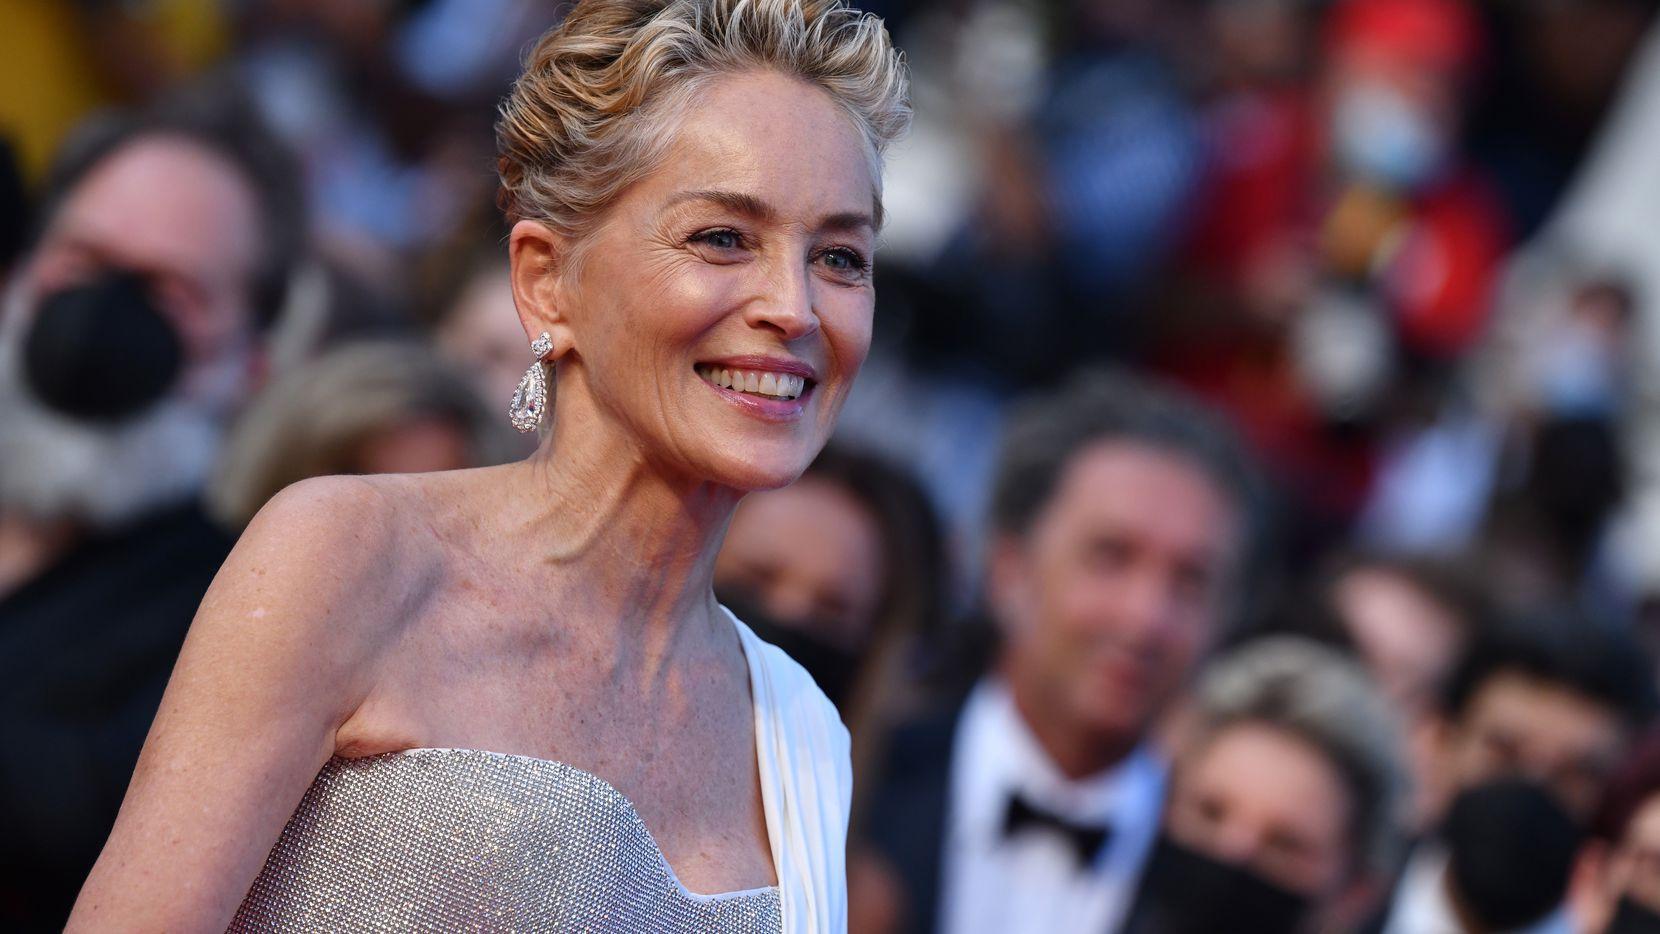 Sharon Stone en el Festival de Cine de Cannes el 17 de julio de 2021.